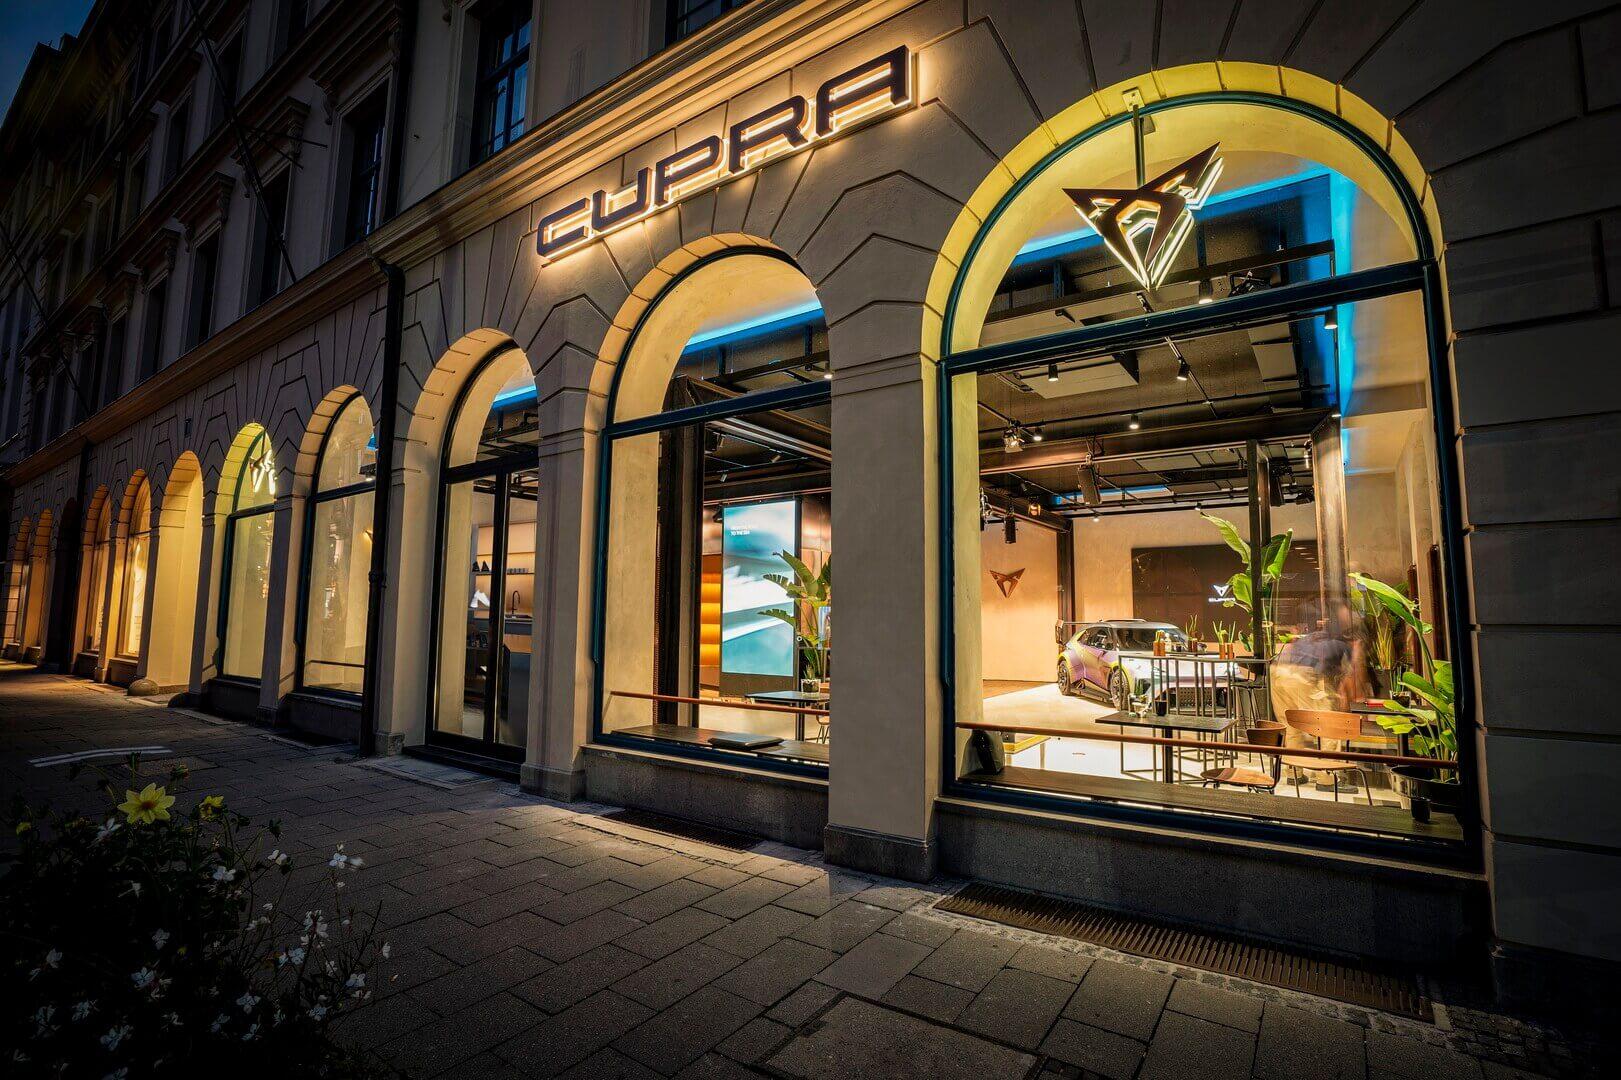 Врамках своей стратегии глобализации CUPRA выбрала Мюнхен для открытия своего новейшего City Garage